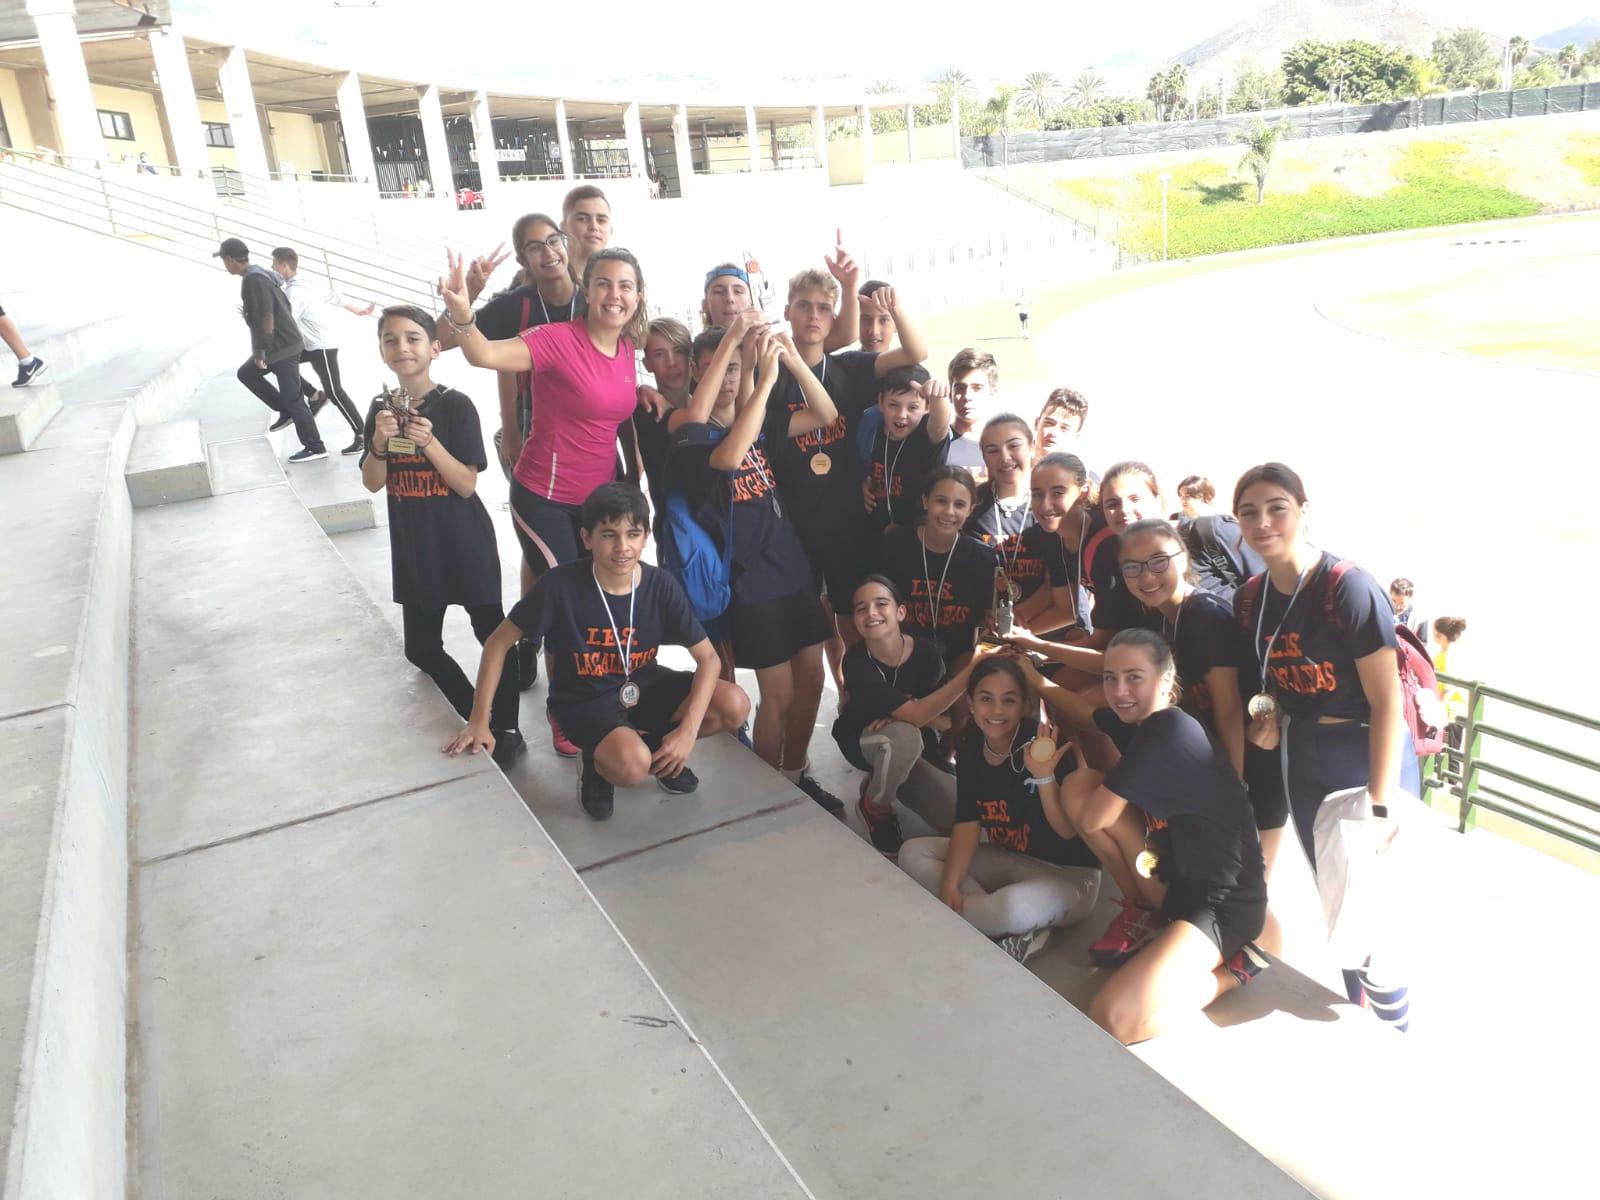 VIII Torneo Atletismo